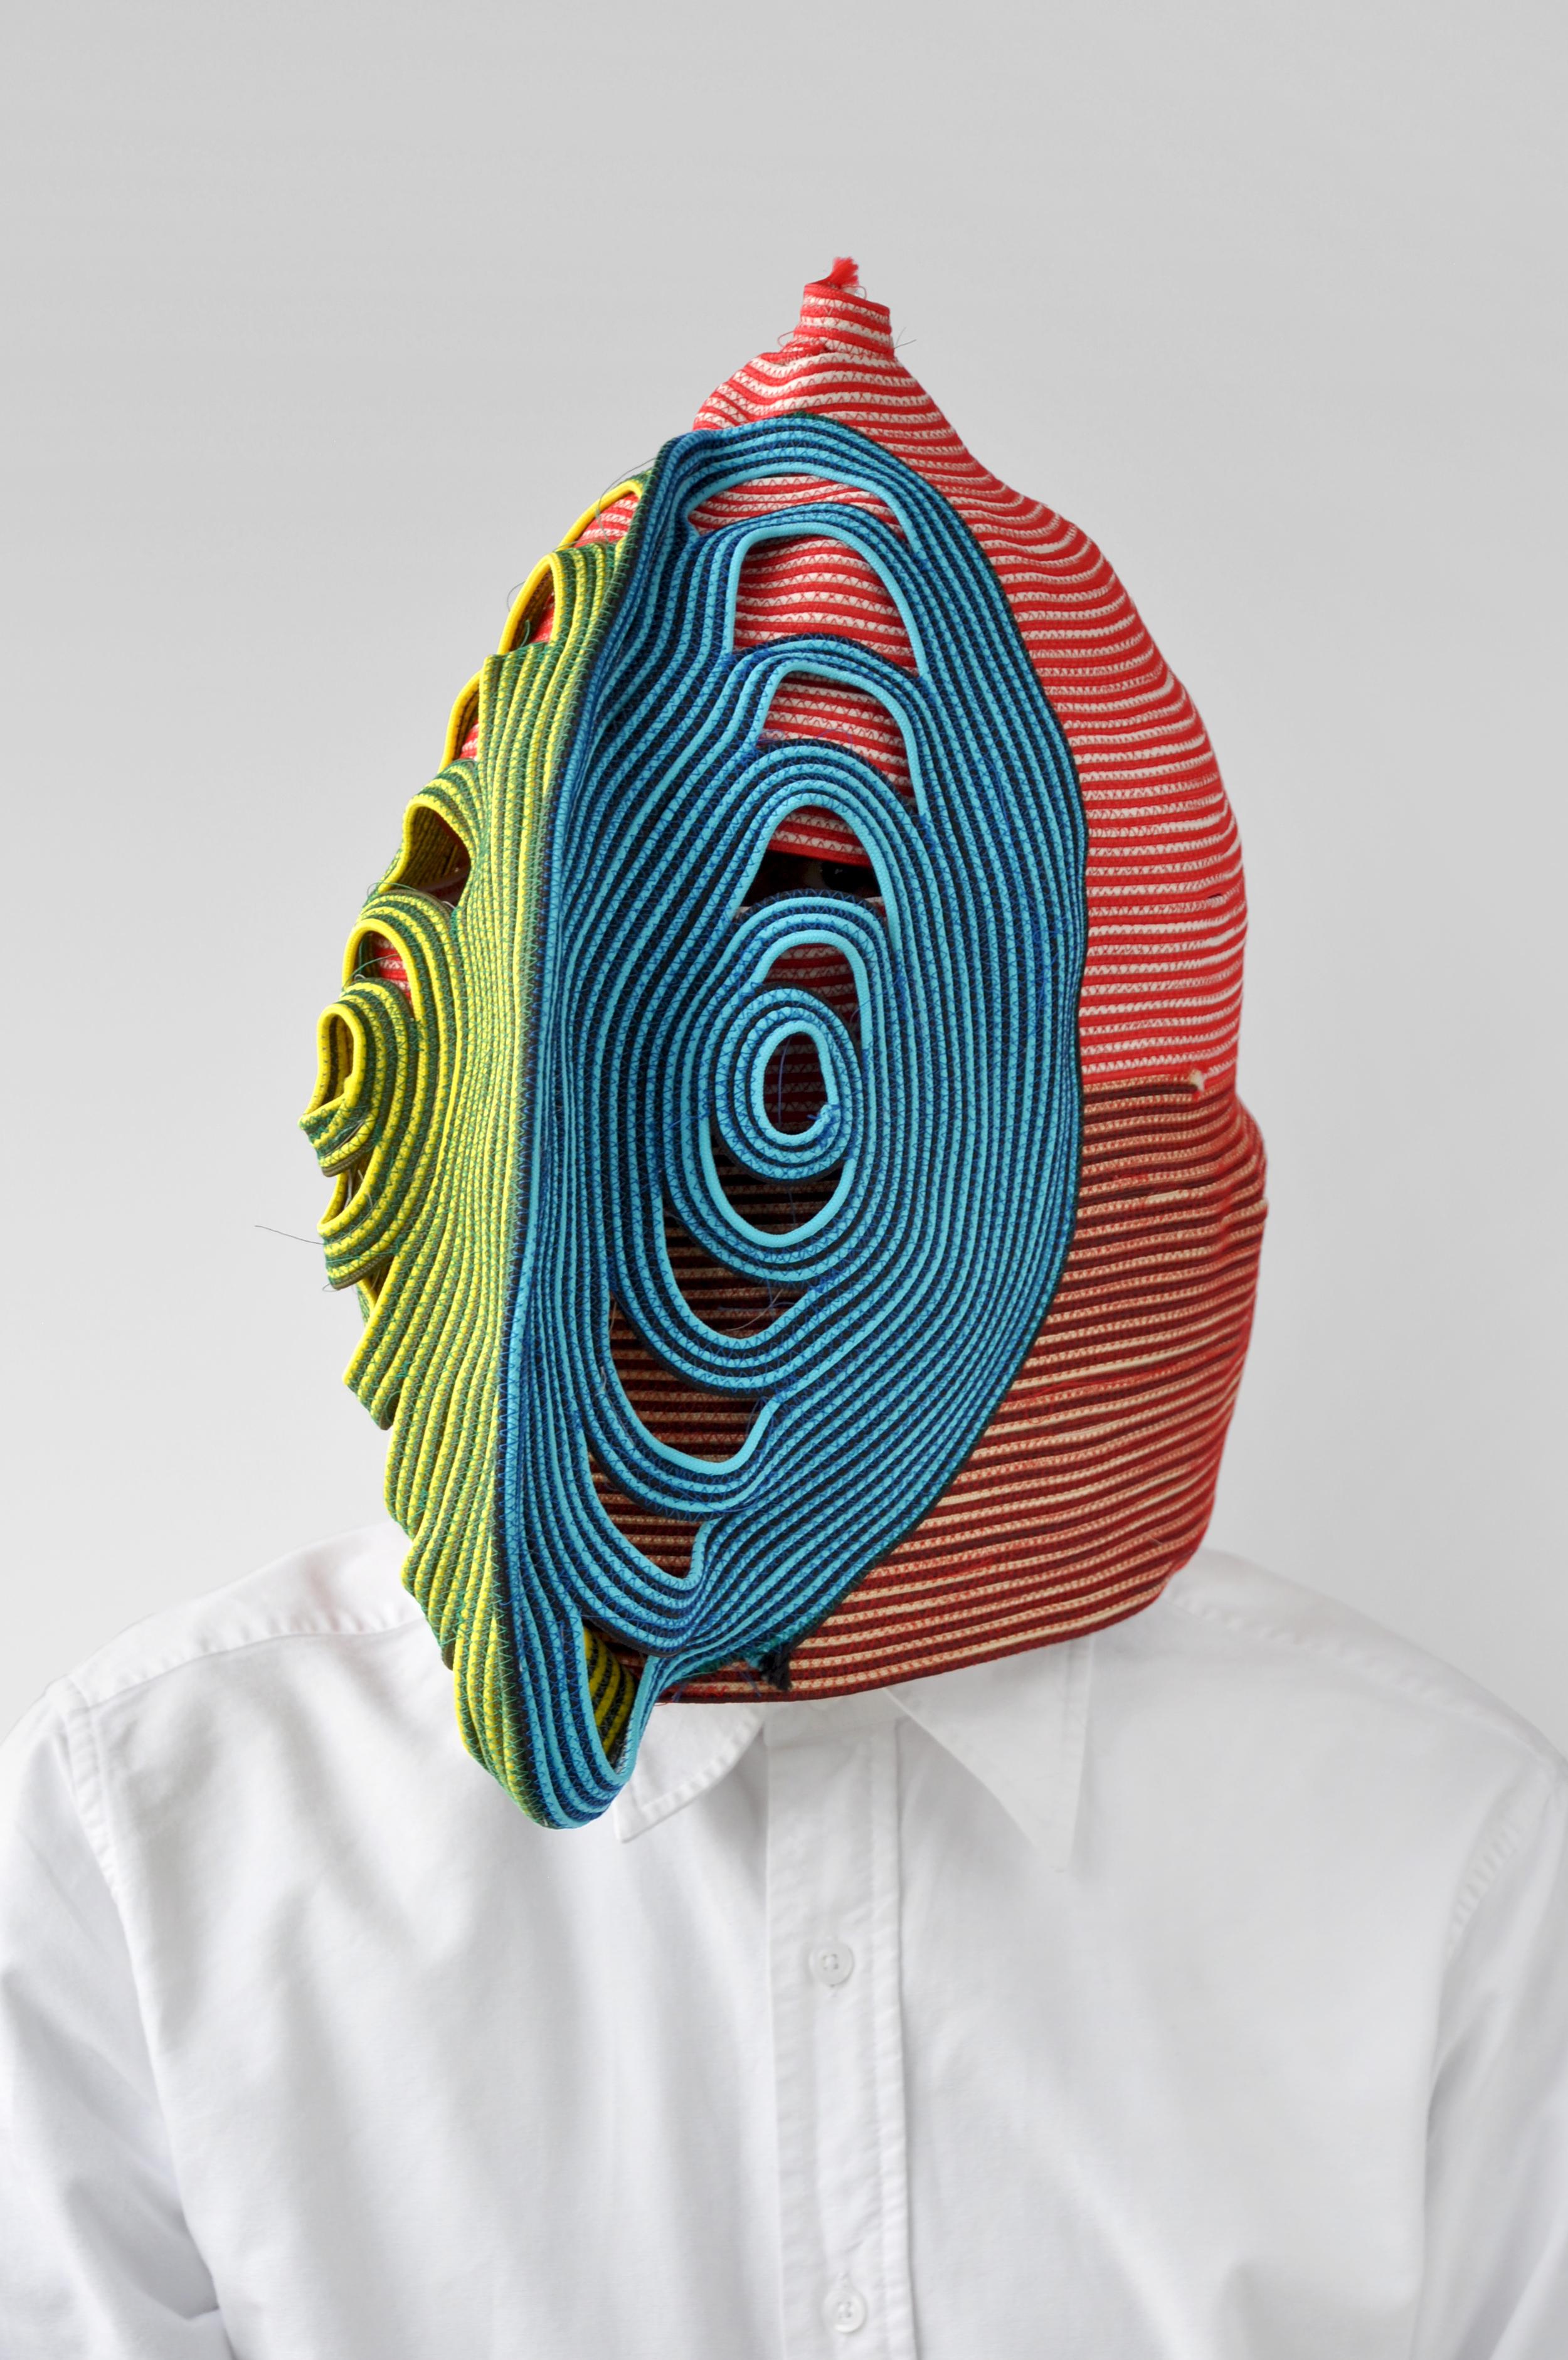 20120305_Masks_B1.jpg